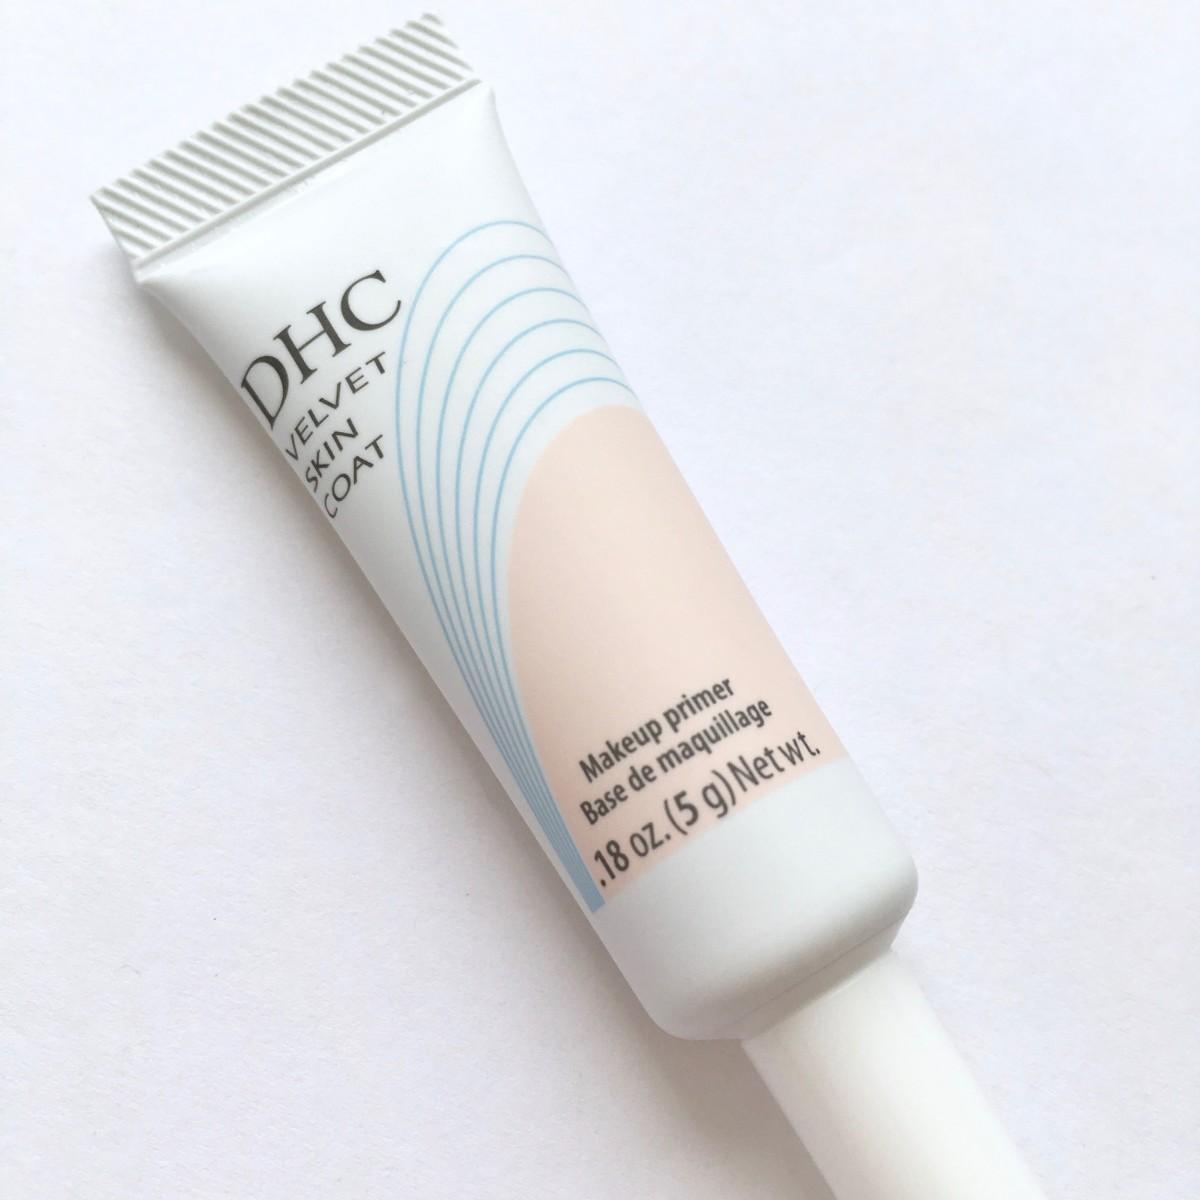 DHC Velvet Skin Coat Primer